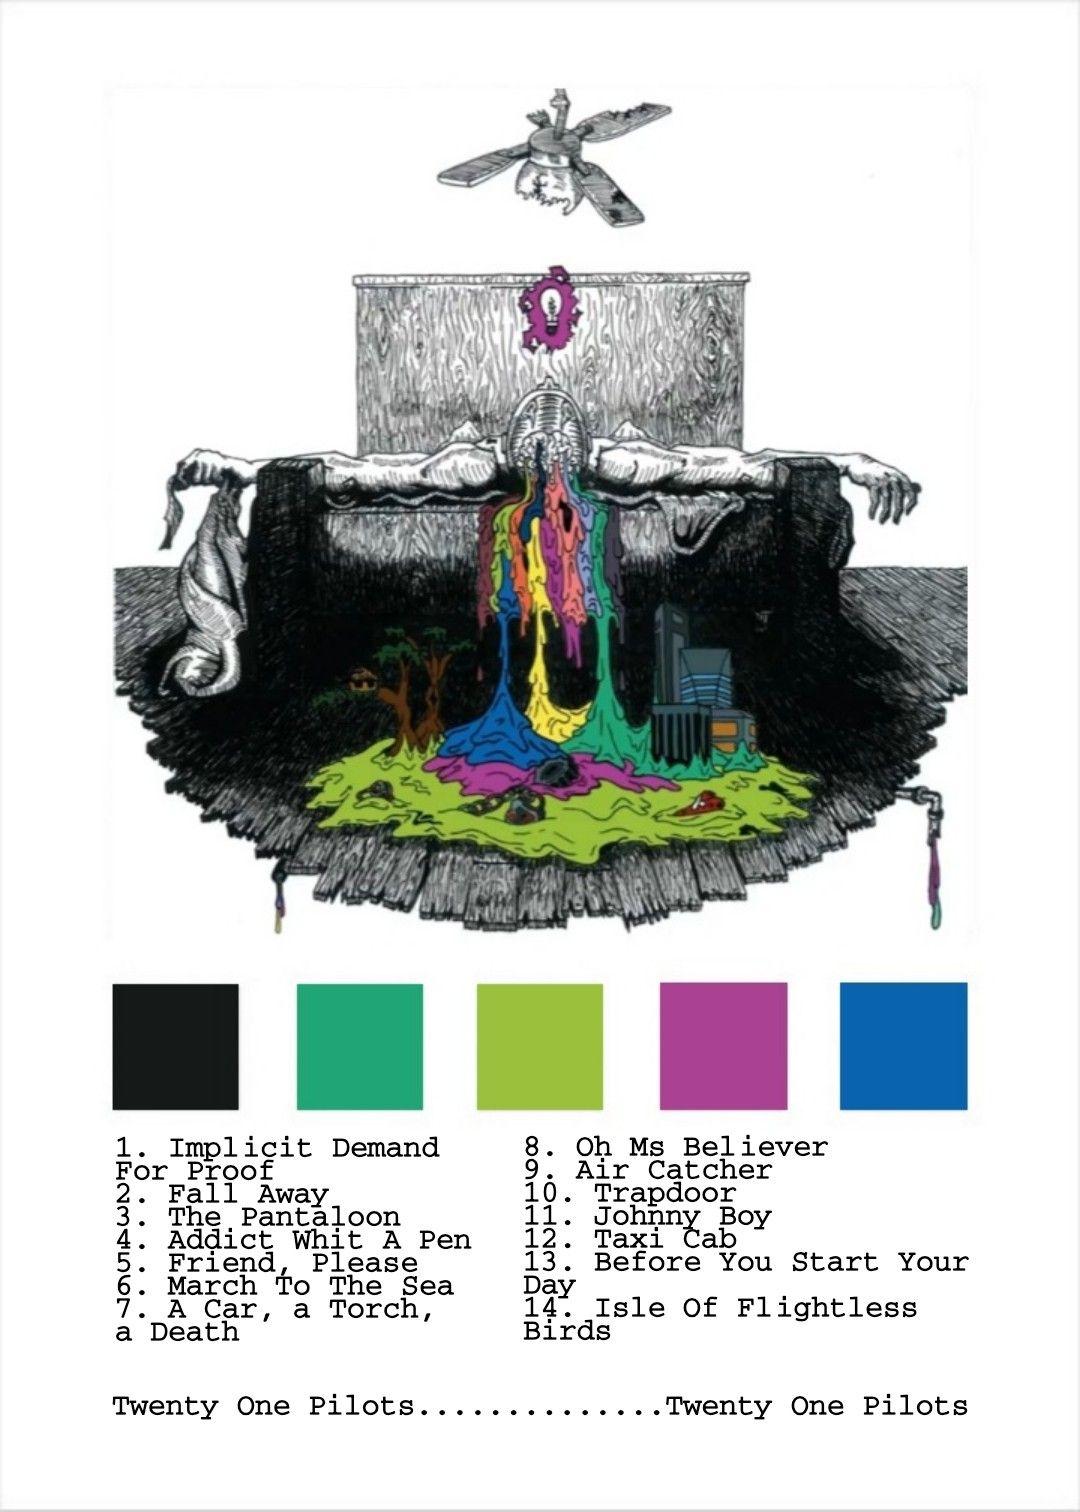 álbum Twenty One Pilots Twenty One Pilots Wall Art Printable Wall Art